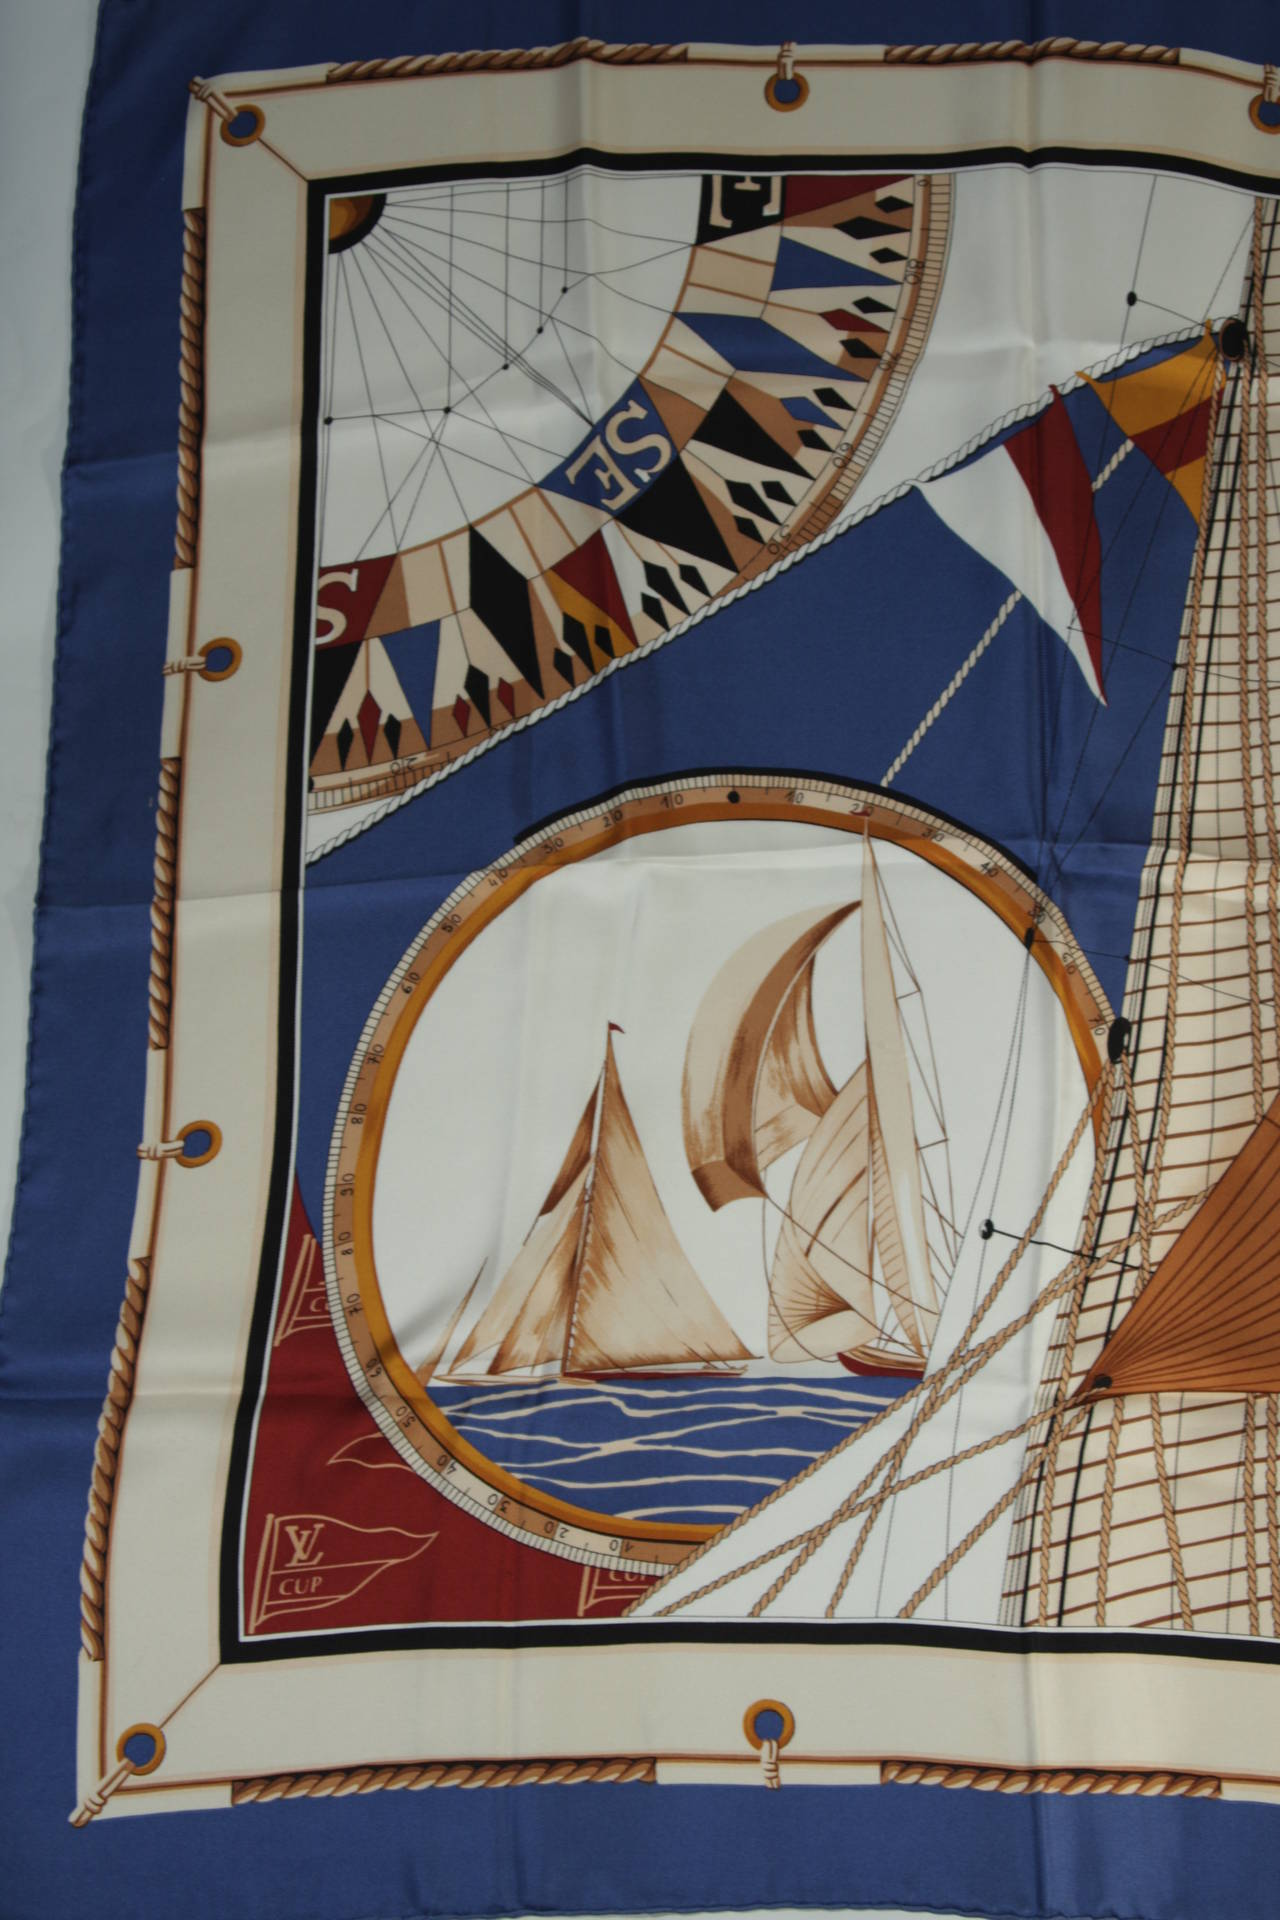 Louis Vuitton Cup Nautical Silk Scarf 6